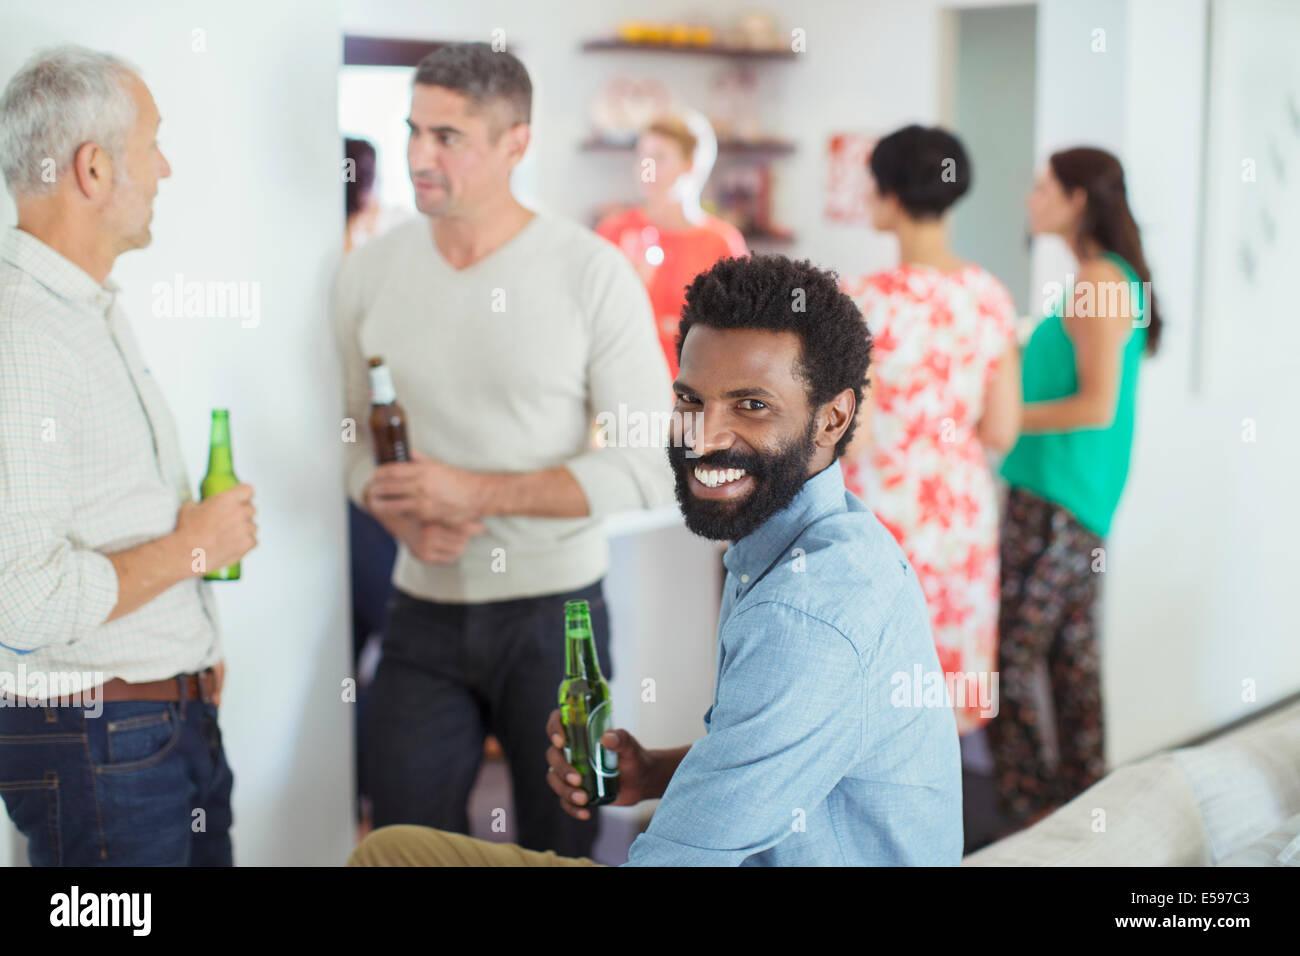 Hombre sonriente en parte Imagen De Stock